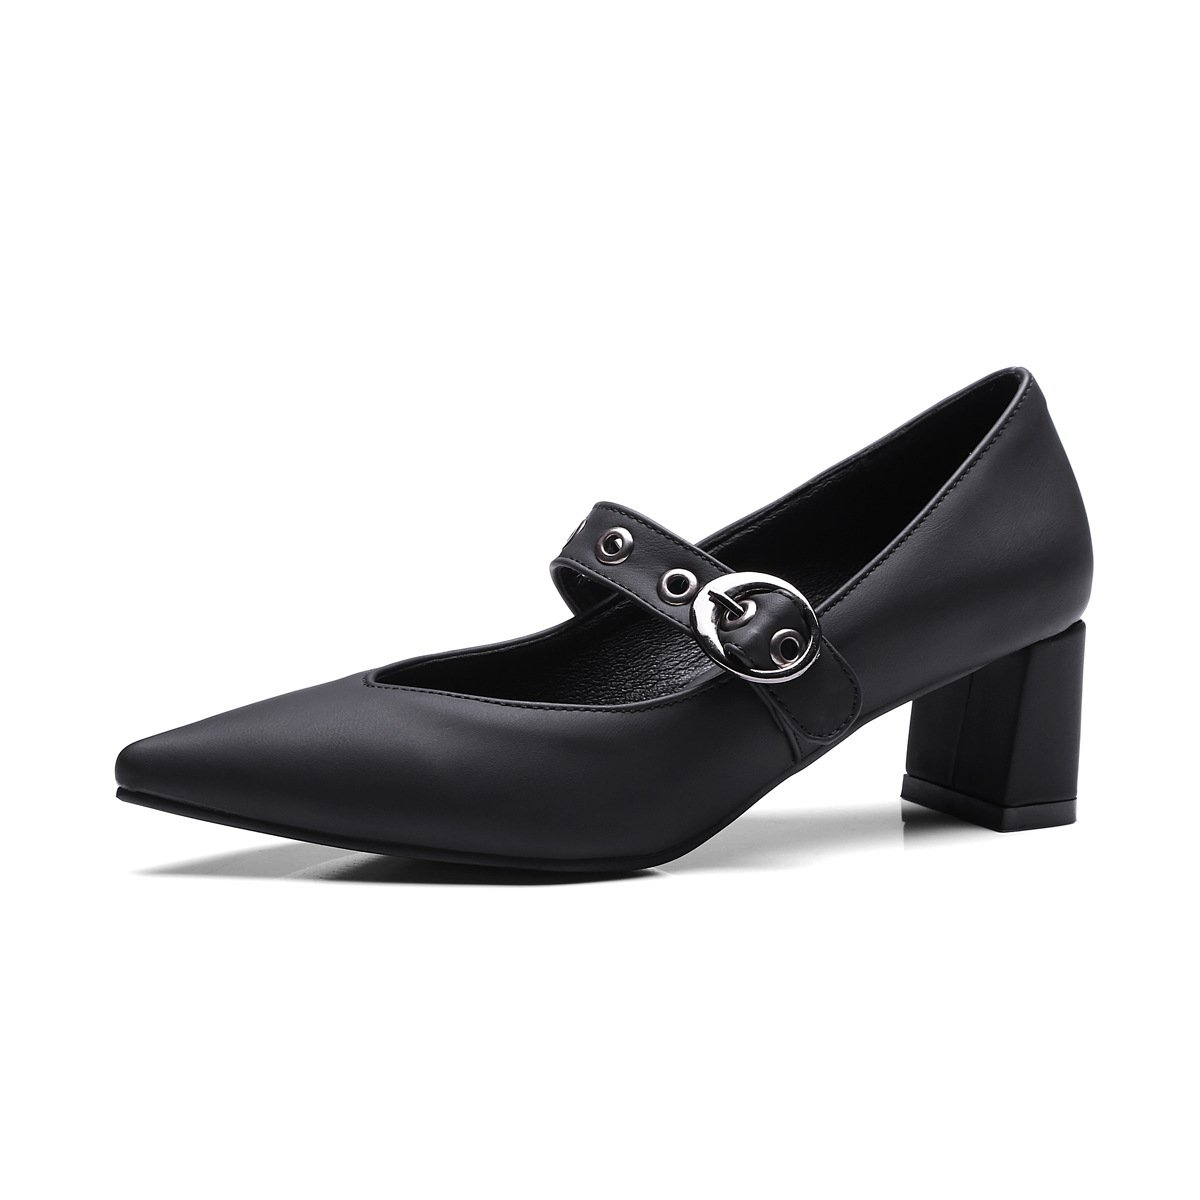 QINX Frauen Spitze Zehe Blockabsatz Schuhe33 EU|Black